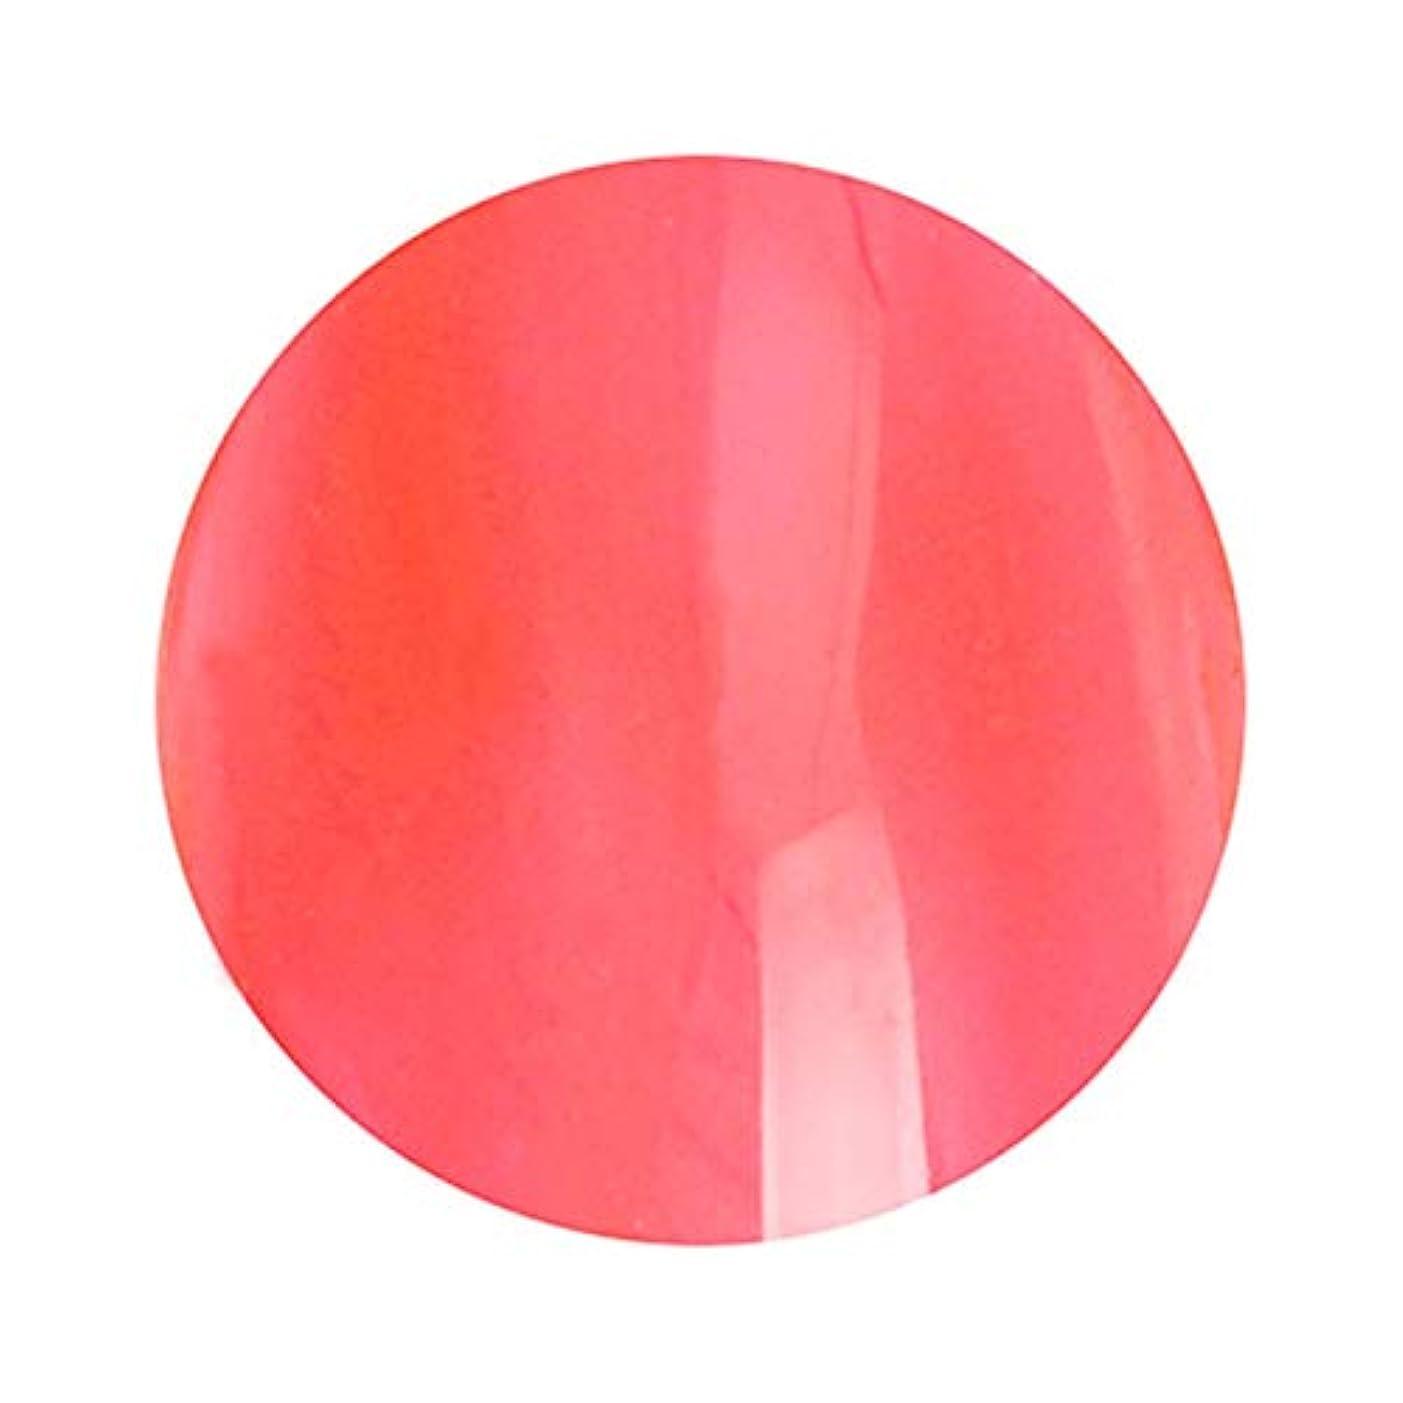 化粧磨かれた理想的T-GEL COLLECTION ティージェルコレクション カラージェル D237 クリアレッド 4ml